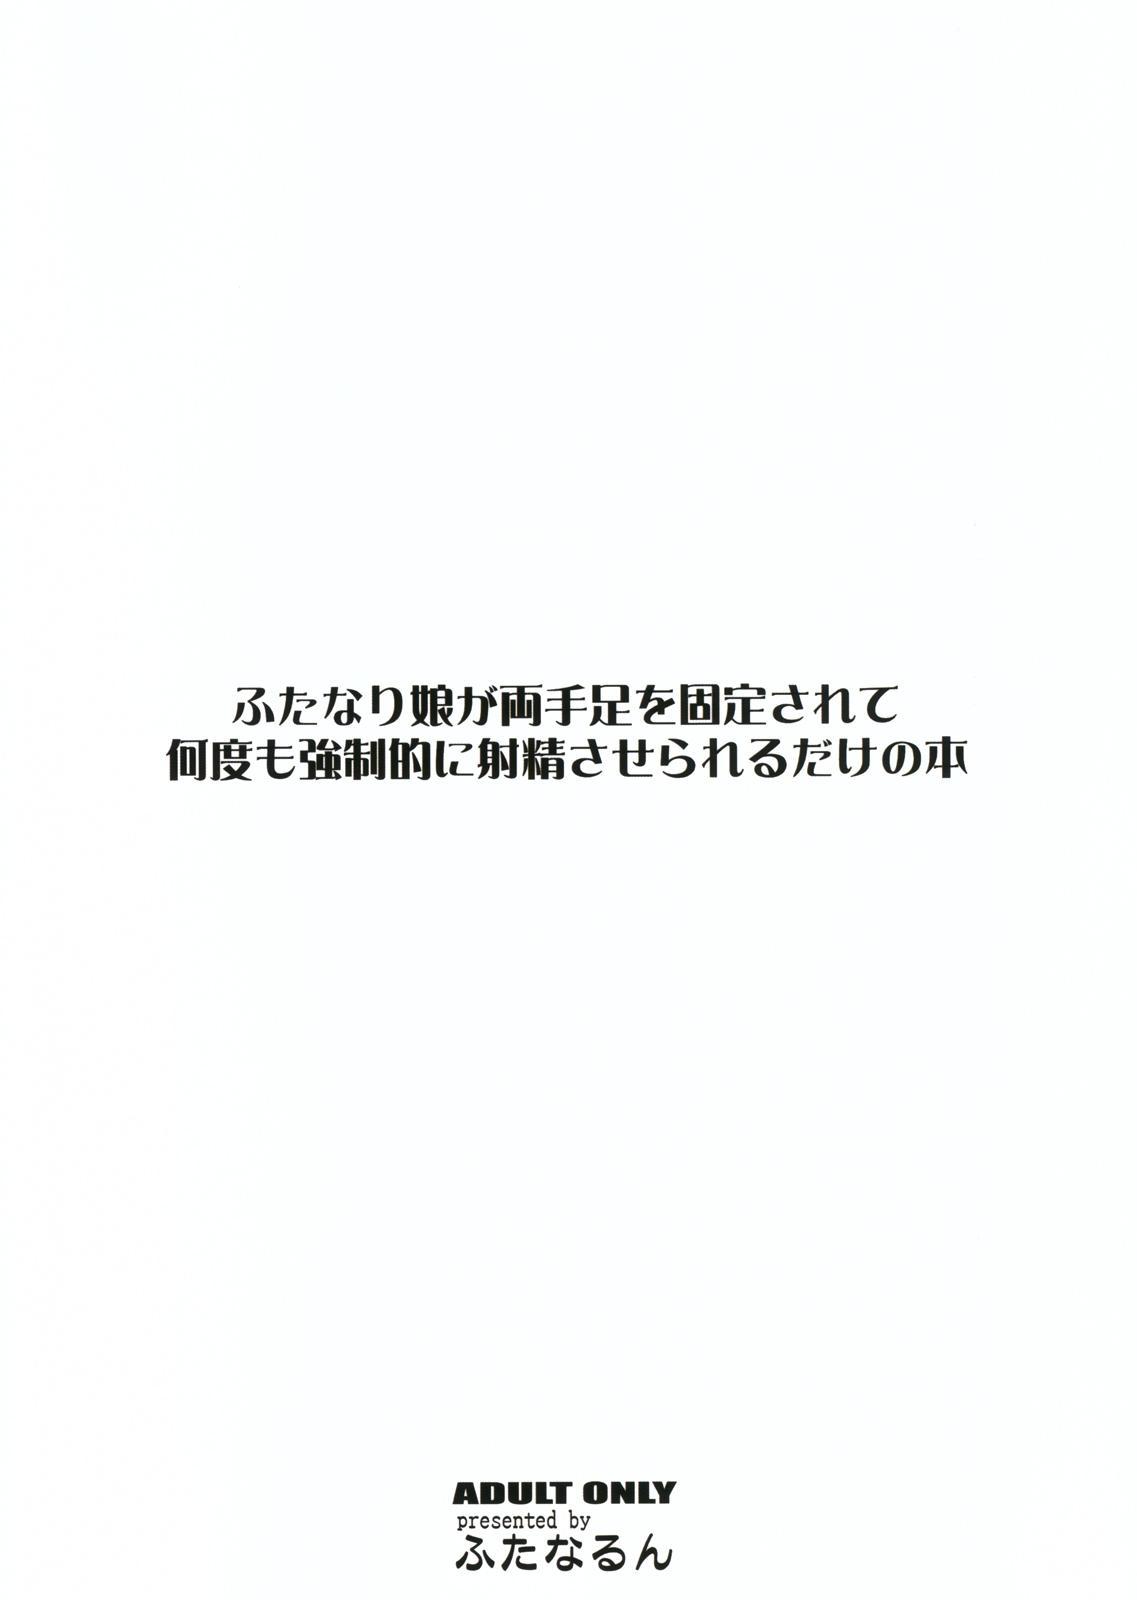 Futanari Musume ga Ryouteashi o Kotei Sarete Nando mo Kyousei-teki ni Shasei Saserareru dake no Hon 1